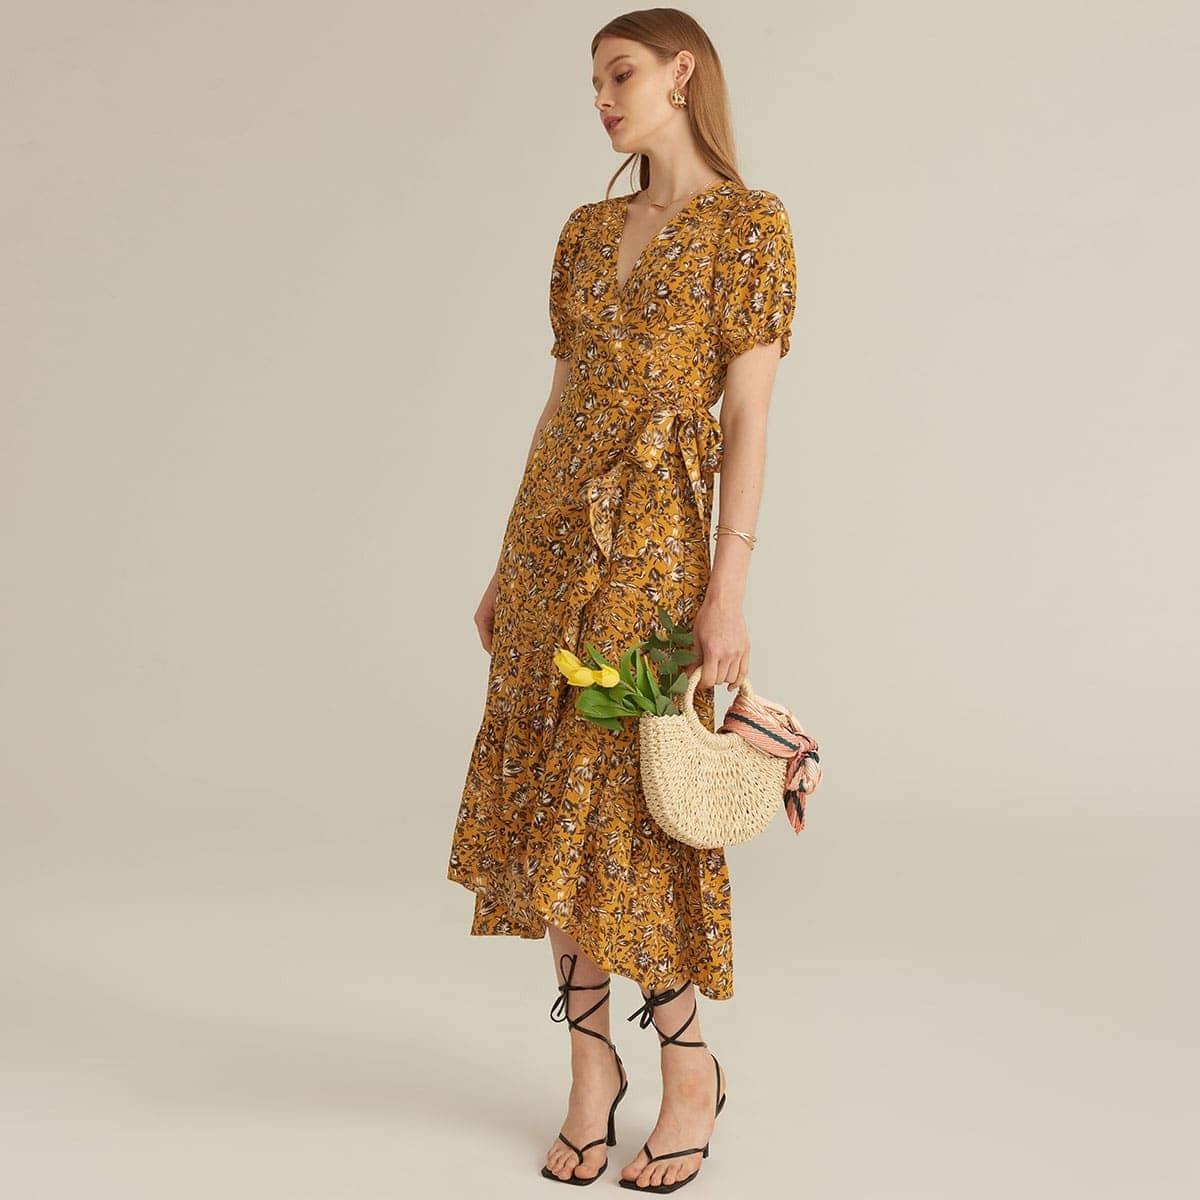 Цветочное платье на запах с пышными рукавами